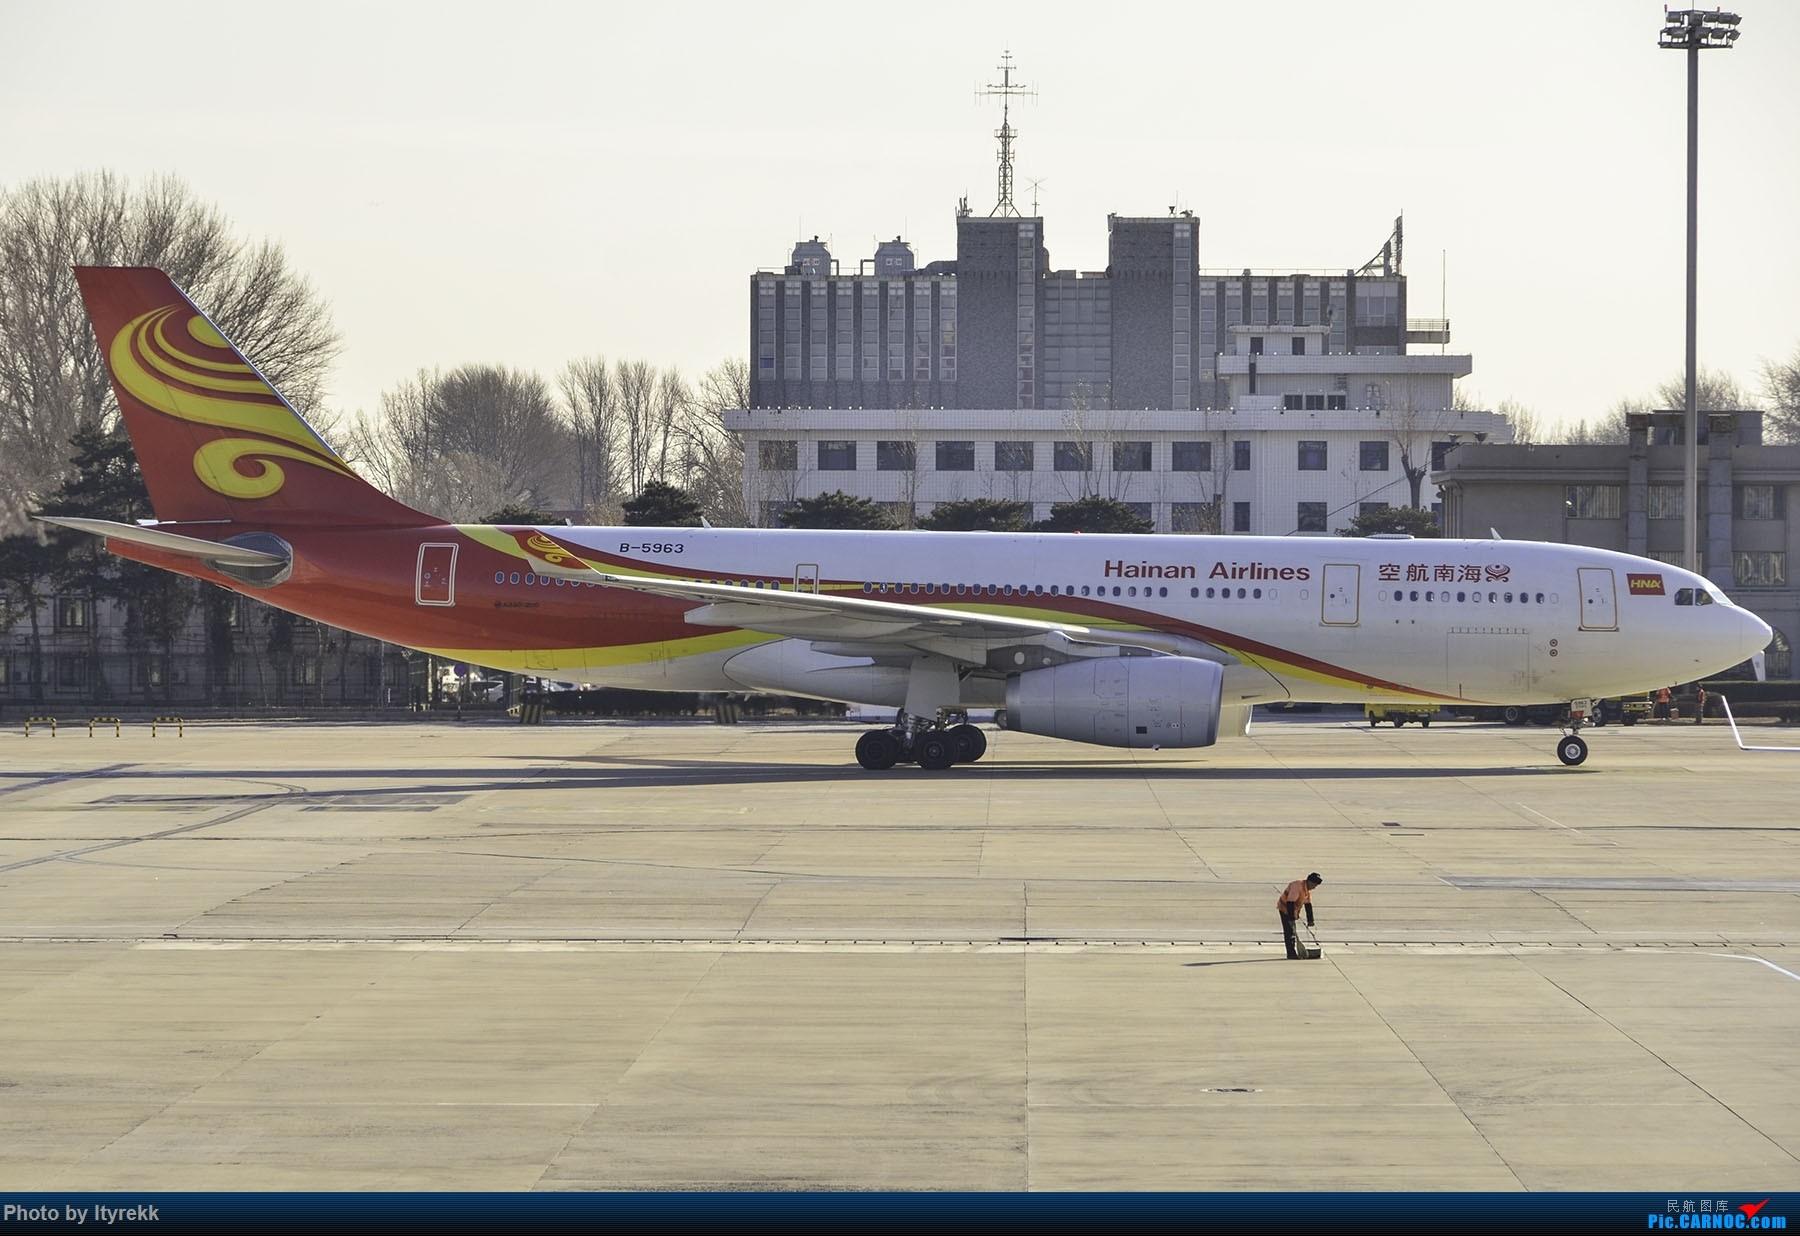 Re:[原创]PEK一日游 收获厦航首架789 B-1566等 AIRBUS A330-200 B-5963 中国北京首都国际机场